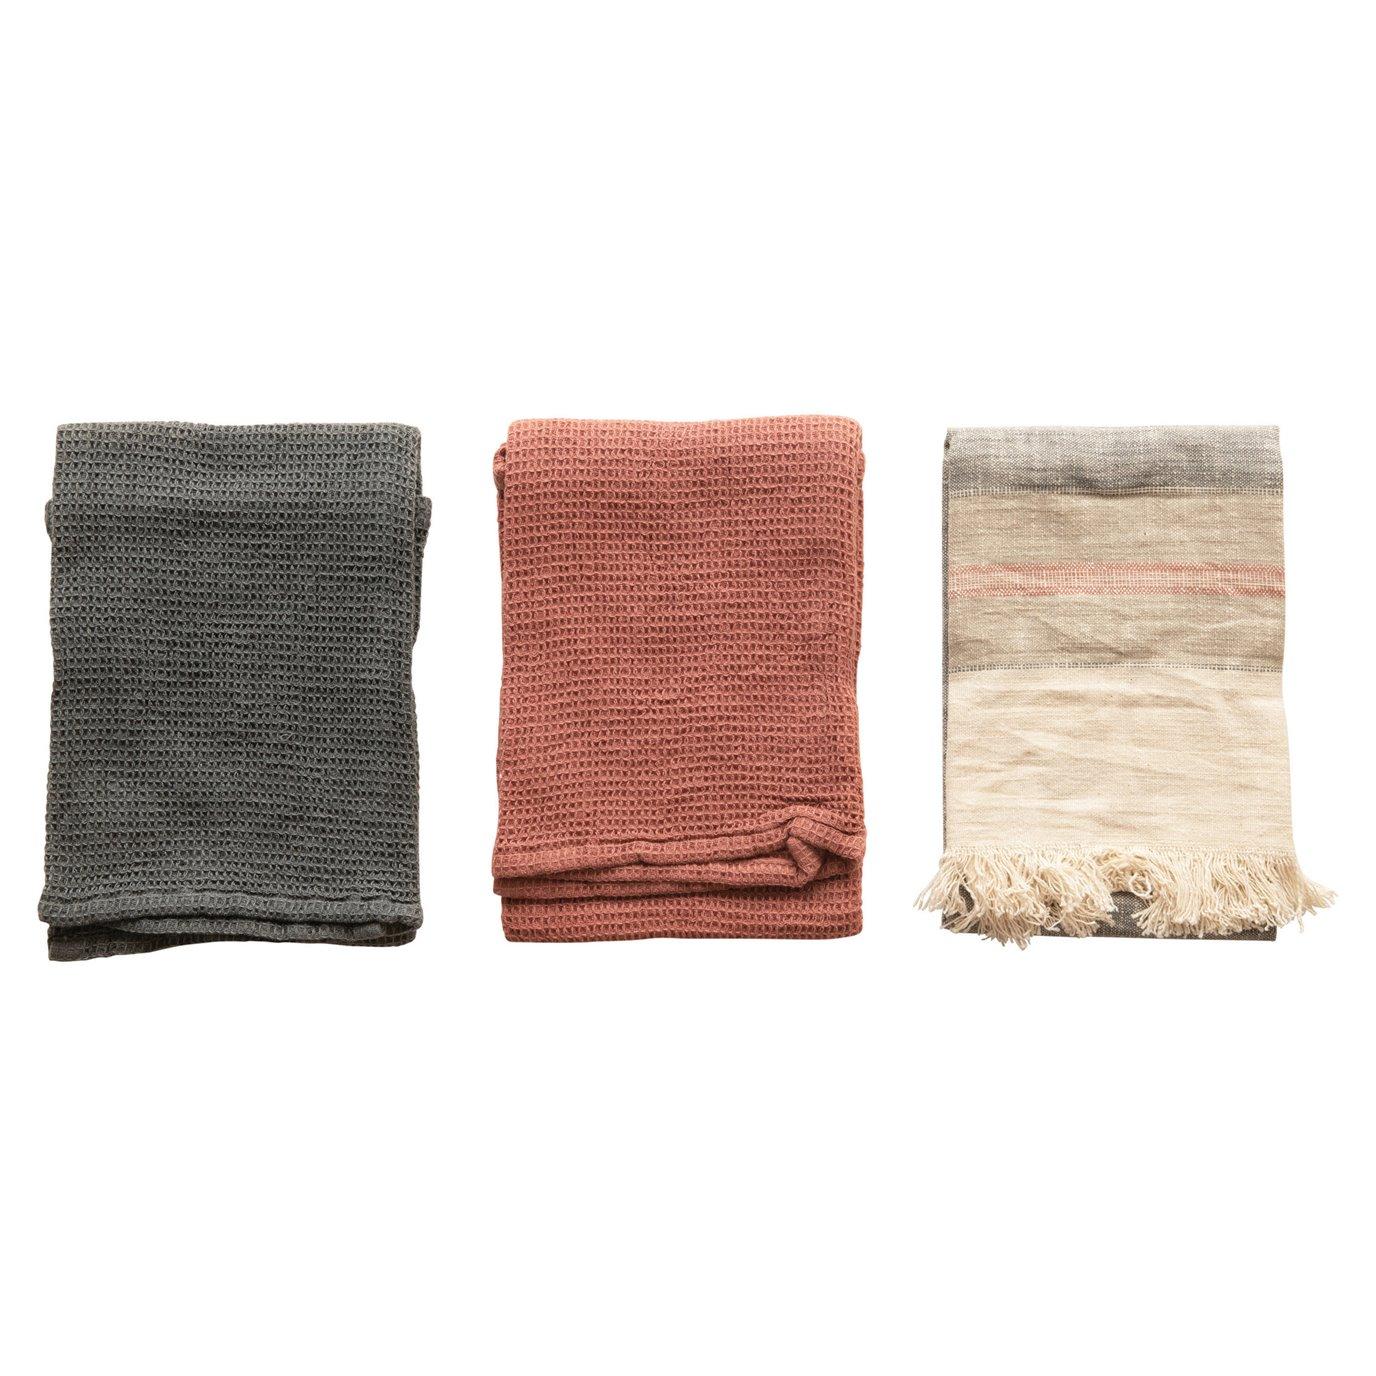 Cotton Tea Towels, Multi Color, Set of 3